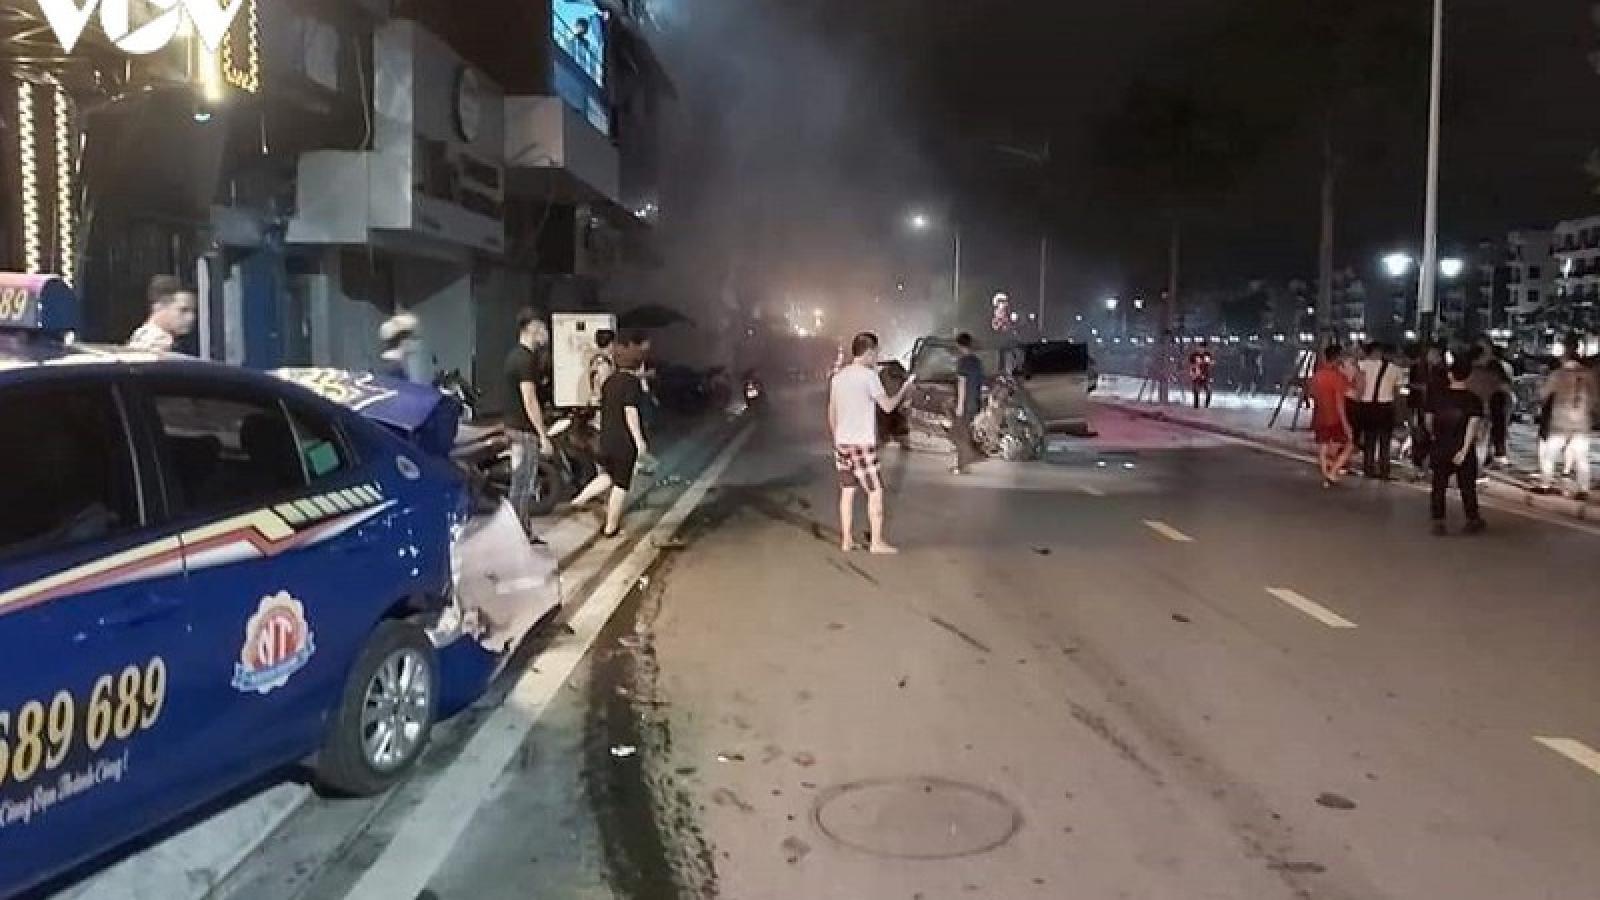 Xe Lexus gây tai nạn liên hoàn tại Hải Phòng: Lái xe có nồng độ cồn 0,593mg/l khí thở